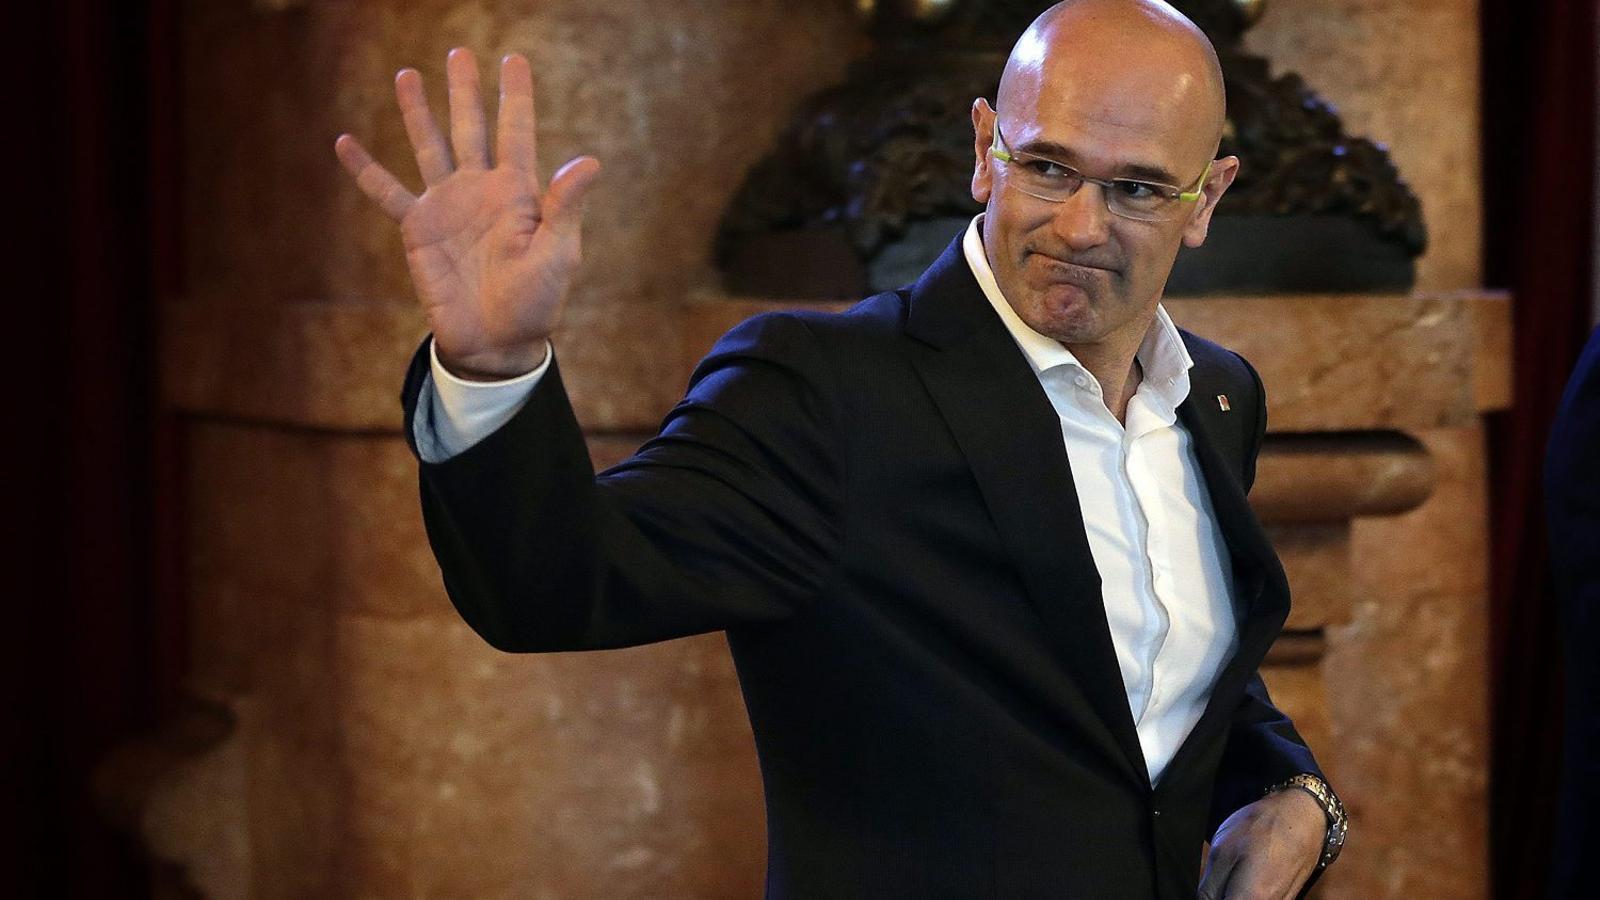 La diplomàcia catalana ha de tirar d'imaginació per fer-se present al món.